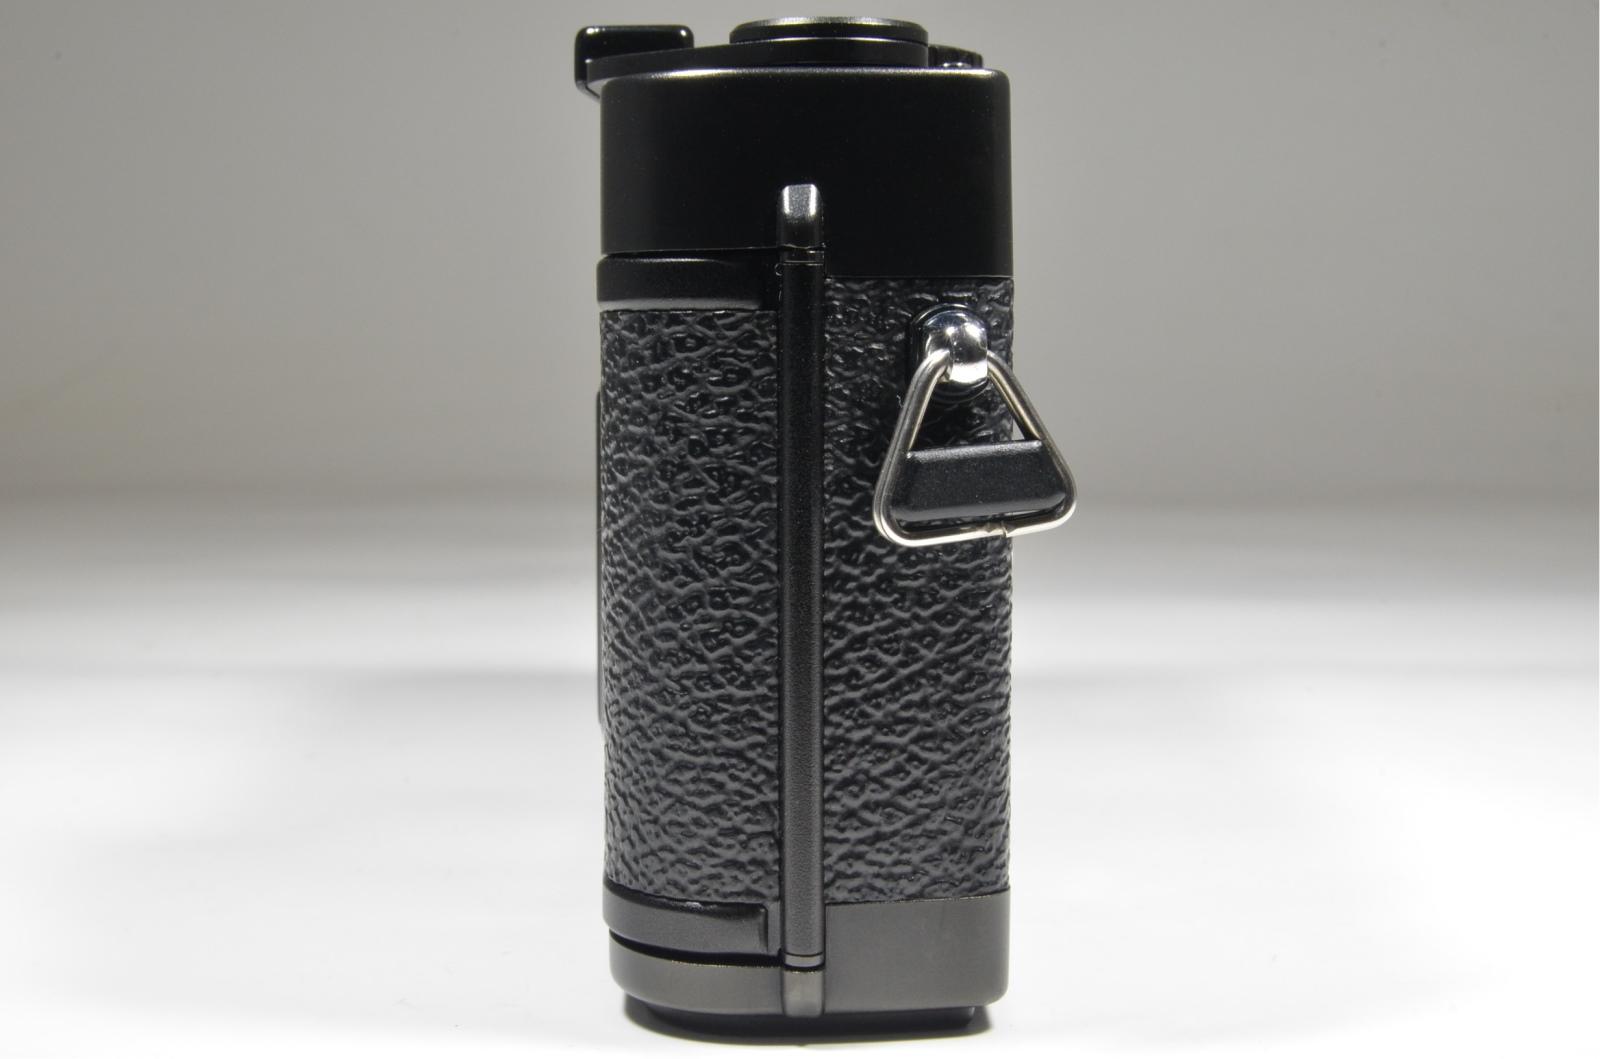 minolta cle, m-rokkor 28mm f2.8, 40mm f2, flash auto cle